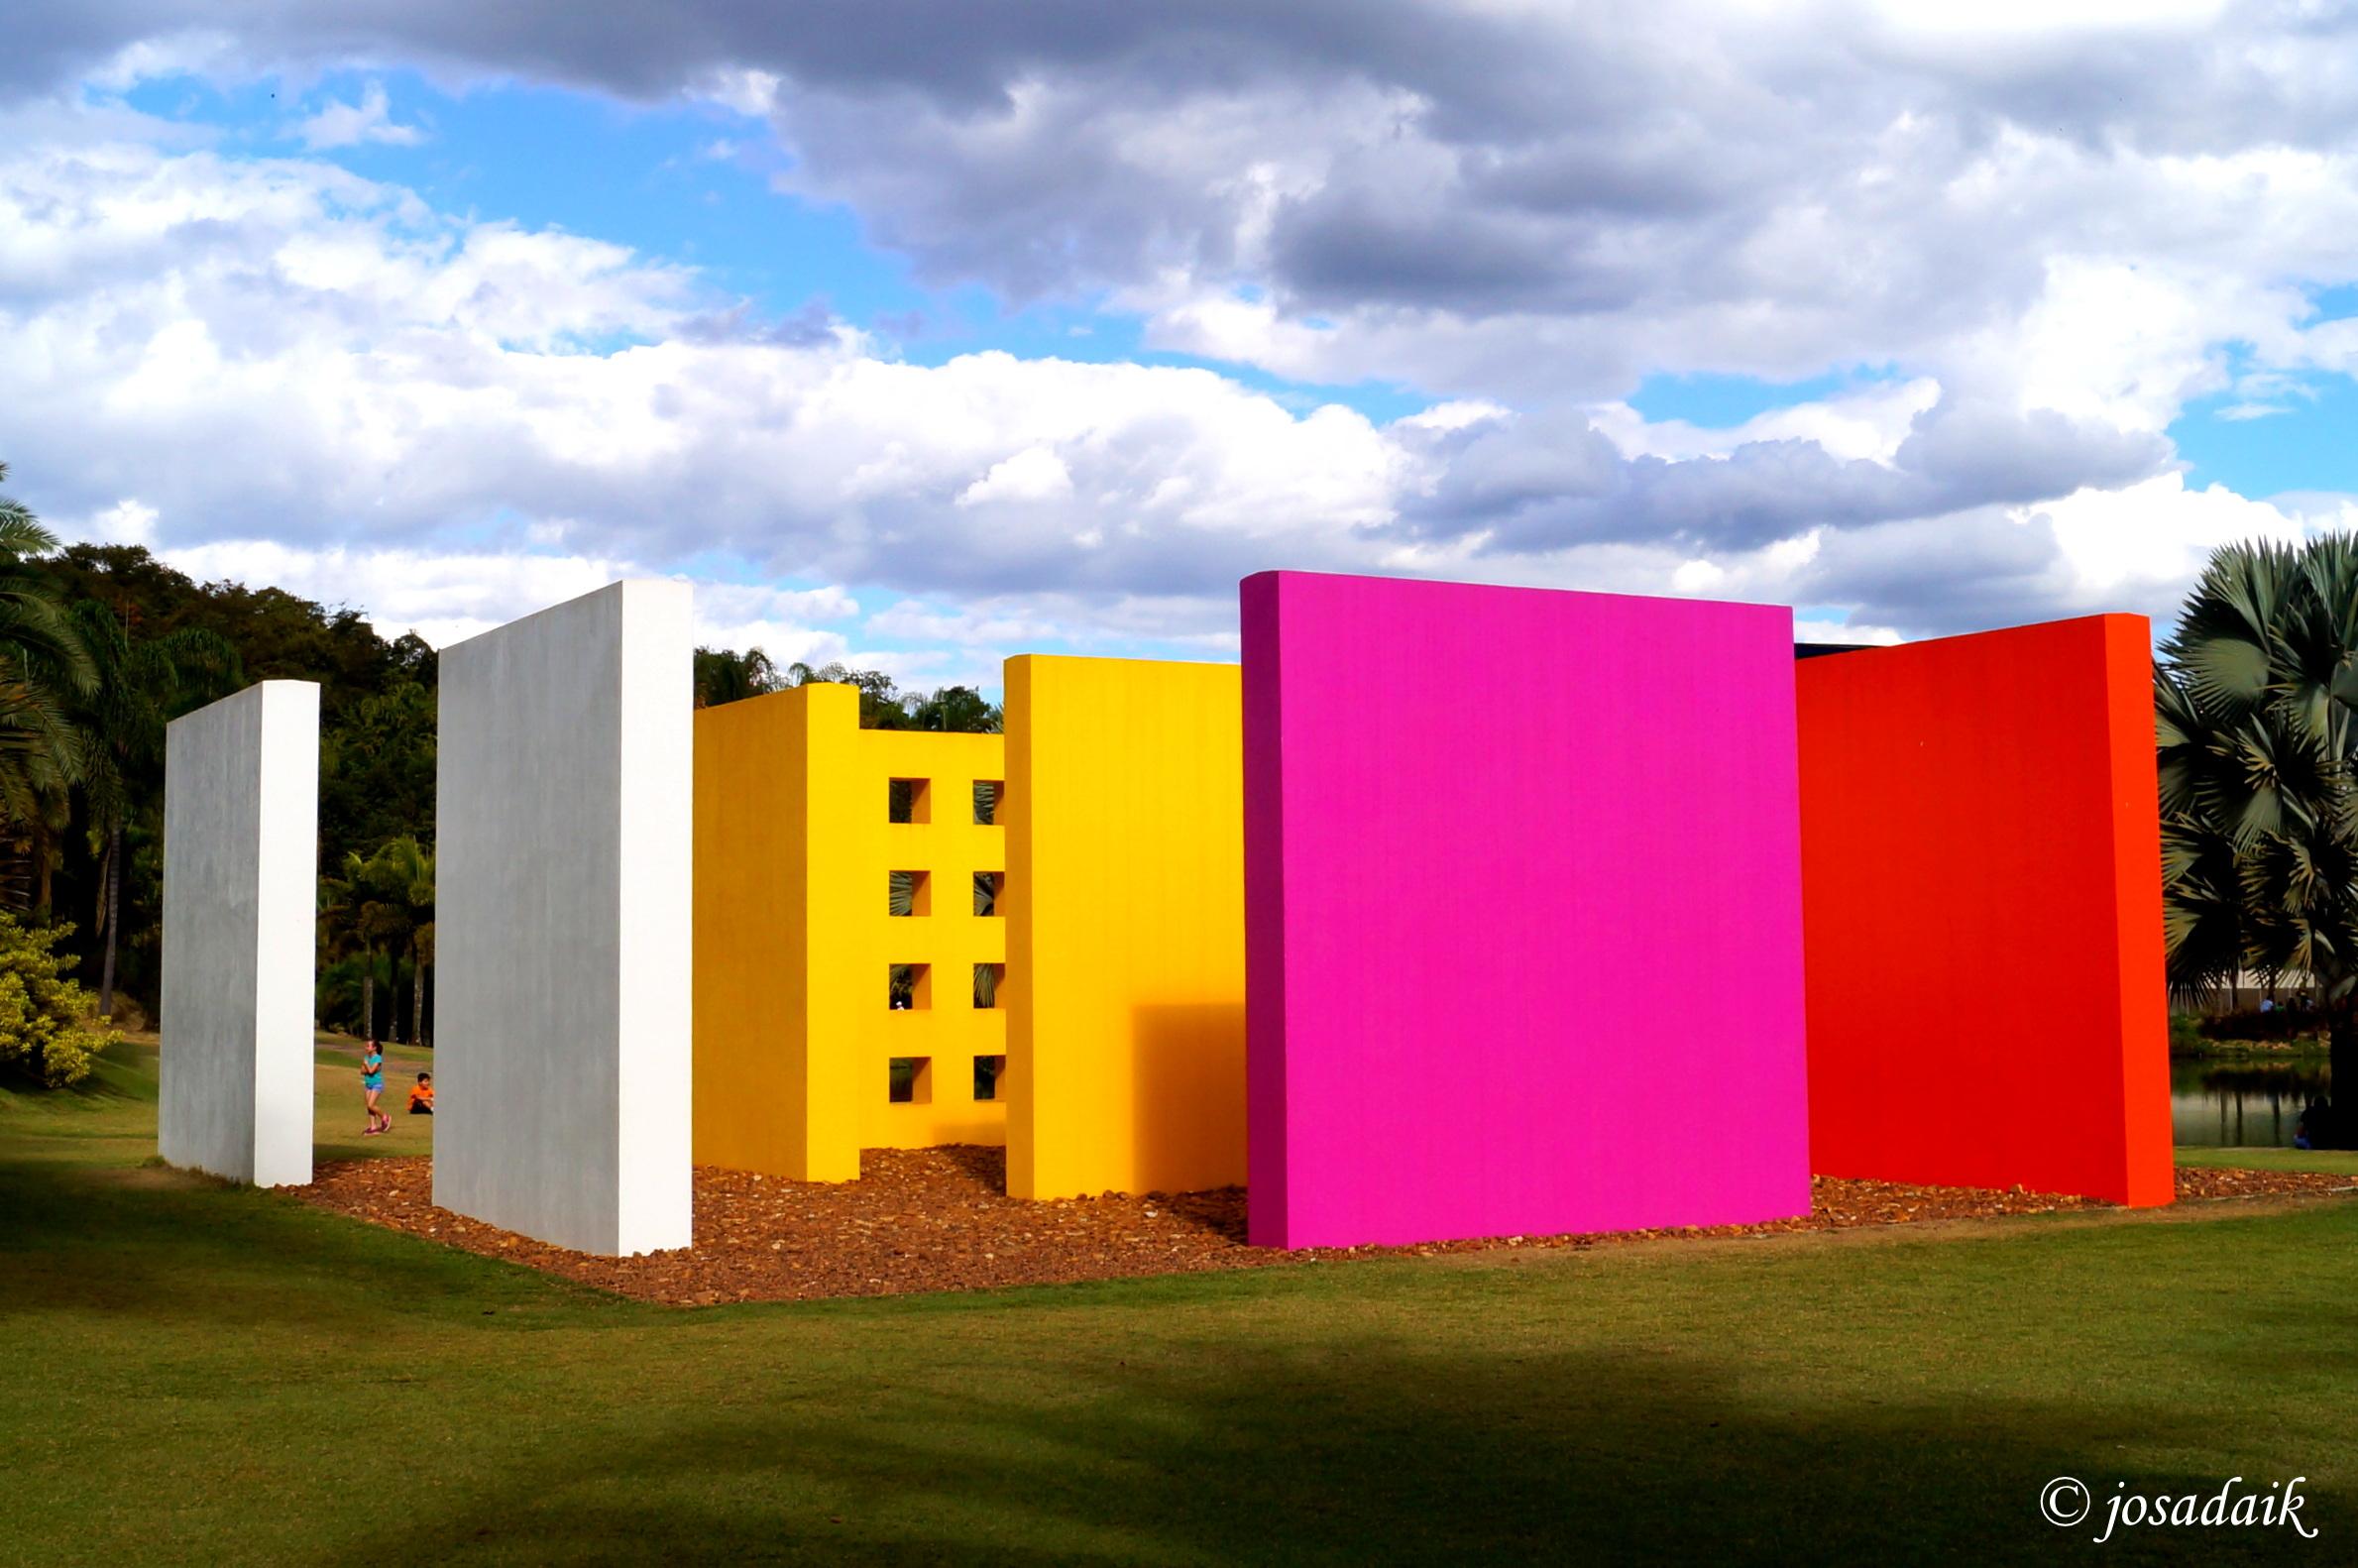 Hintergrundbilder : Brasilien, Gebäude, Minasgerais, KUNST, Farben ...